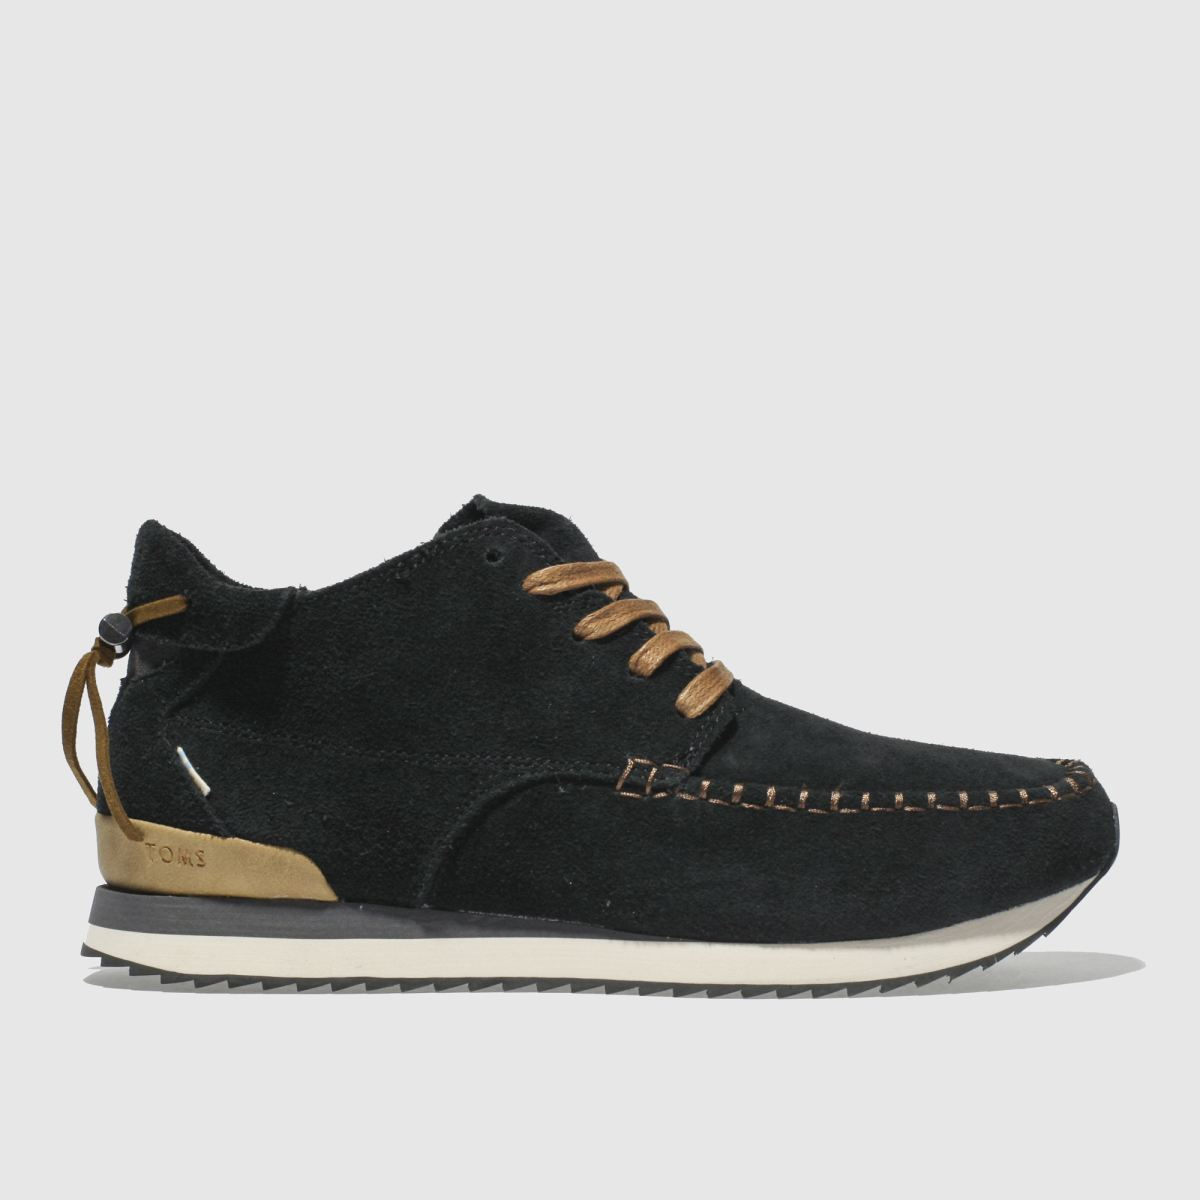 Toms Black Balboa Mid Boots